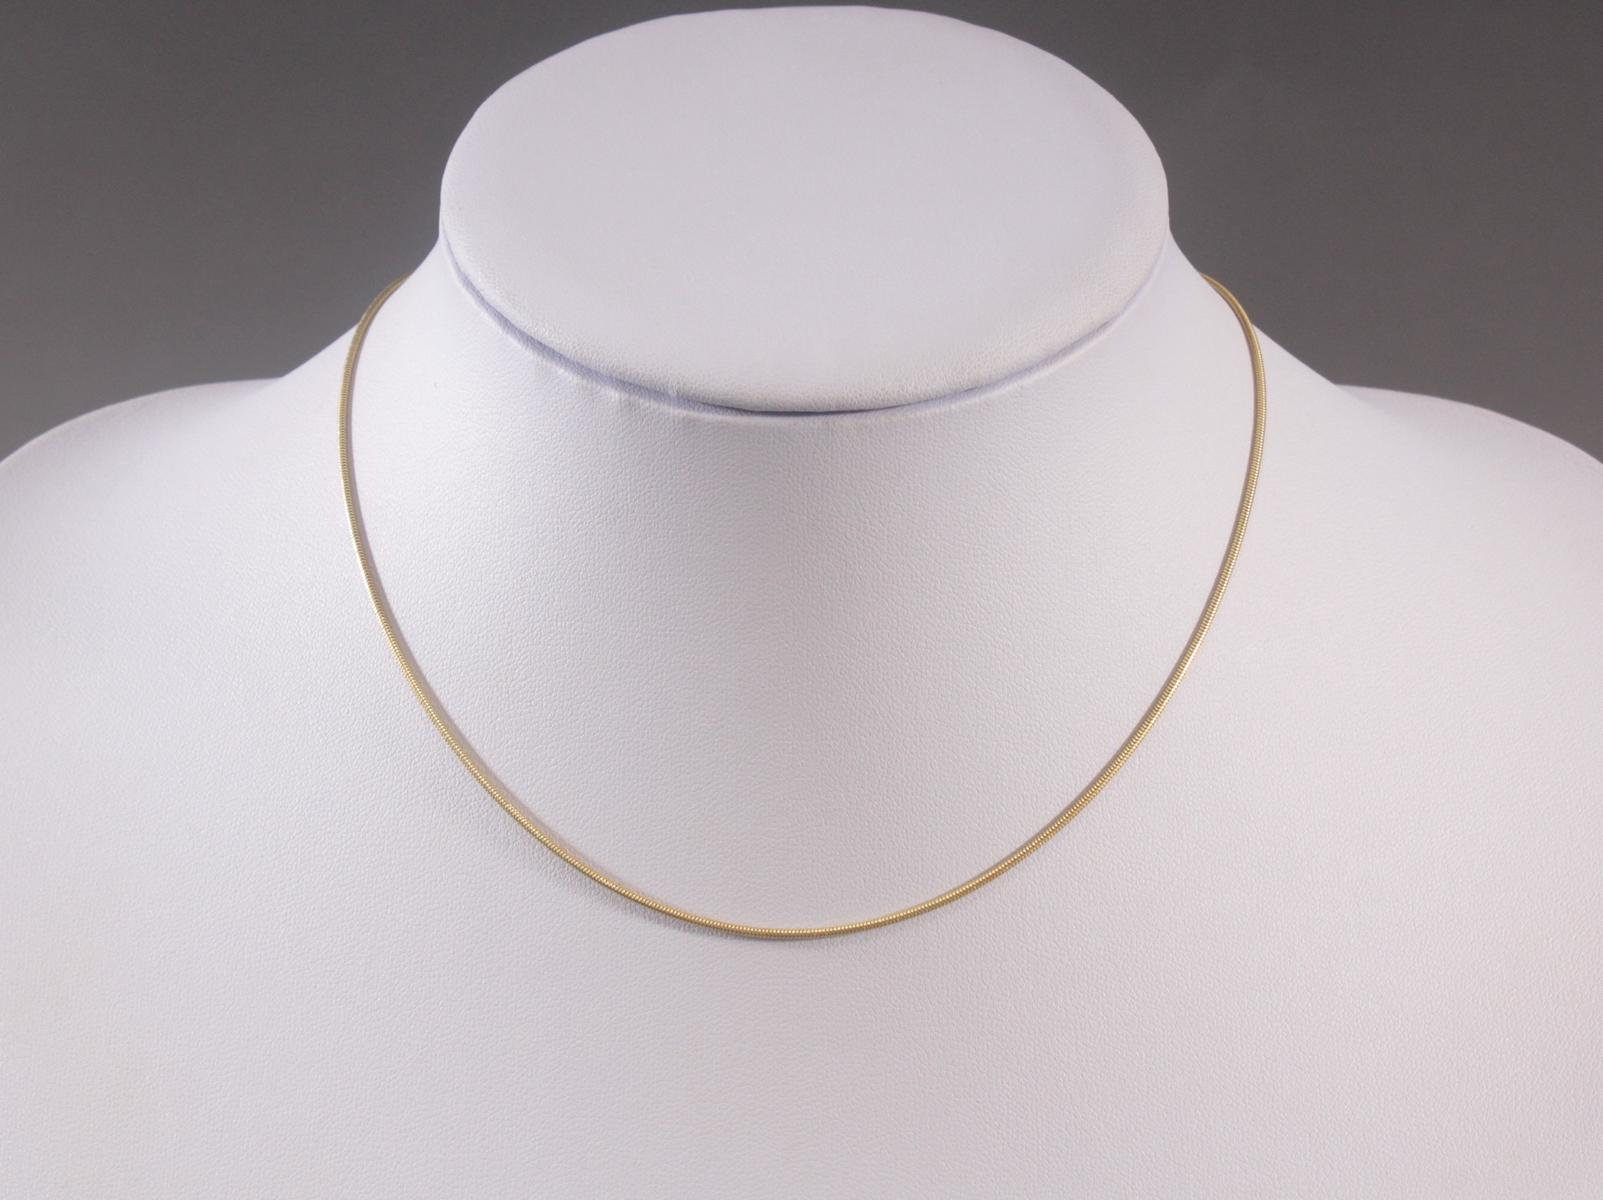 Halskette aus 8 Karat Gelbgold